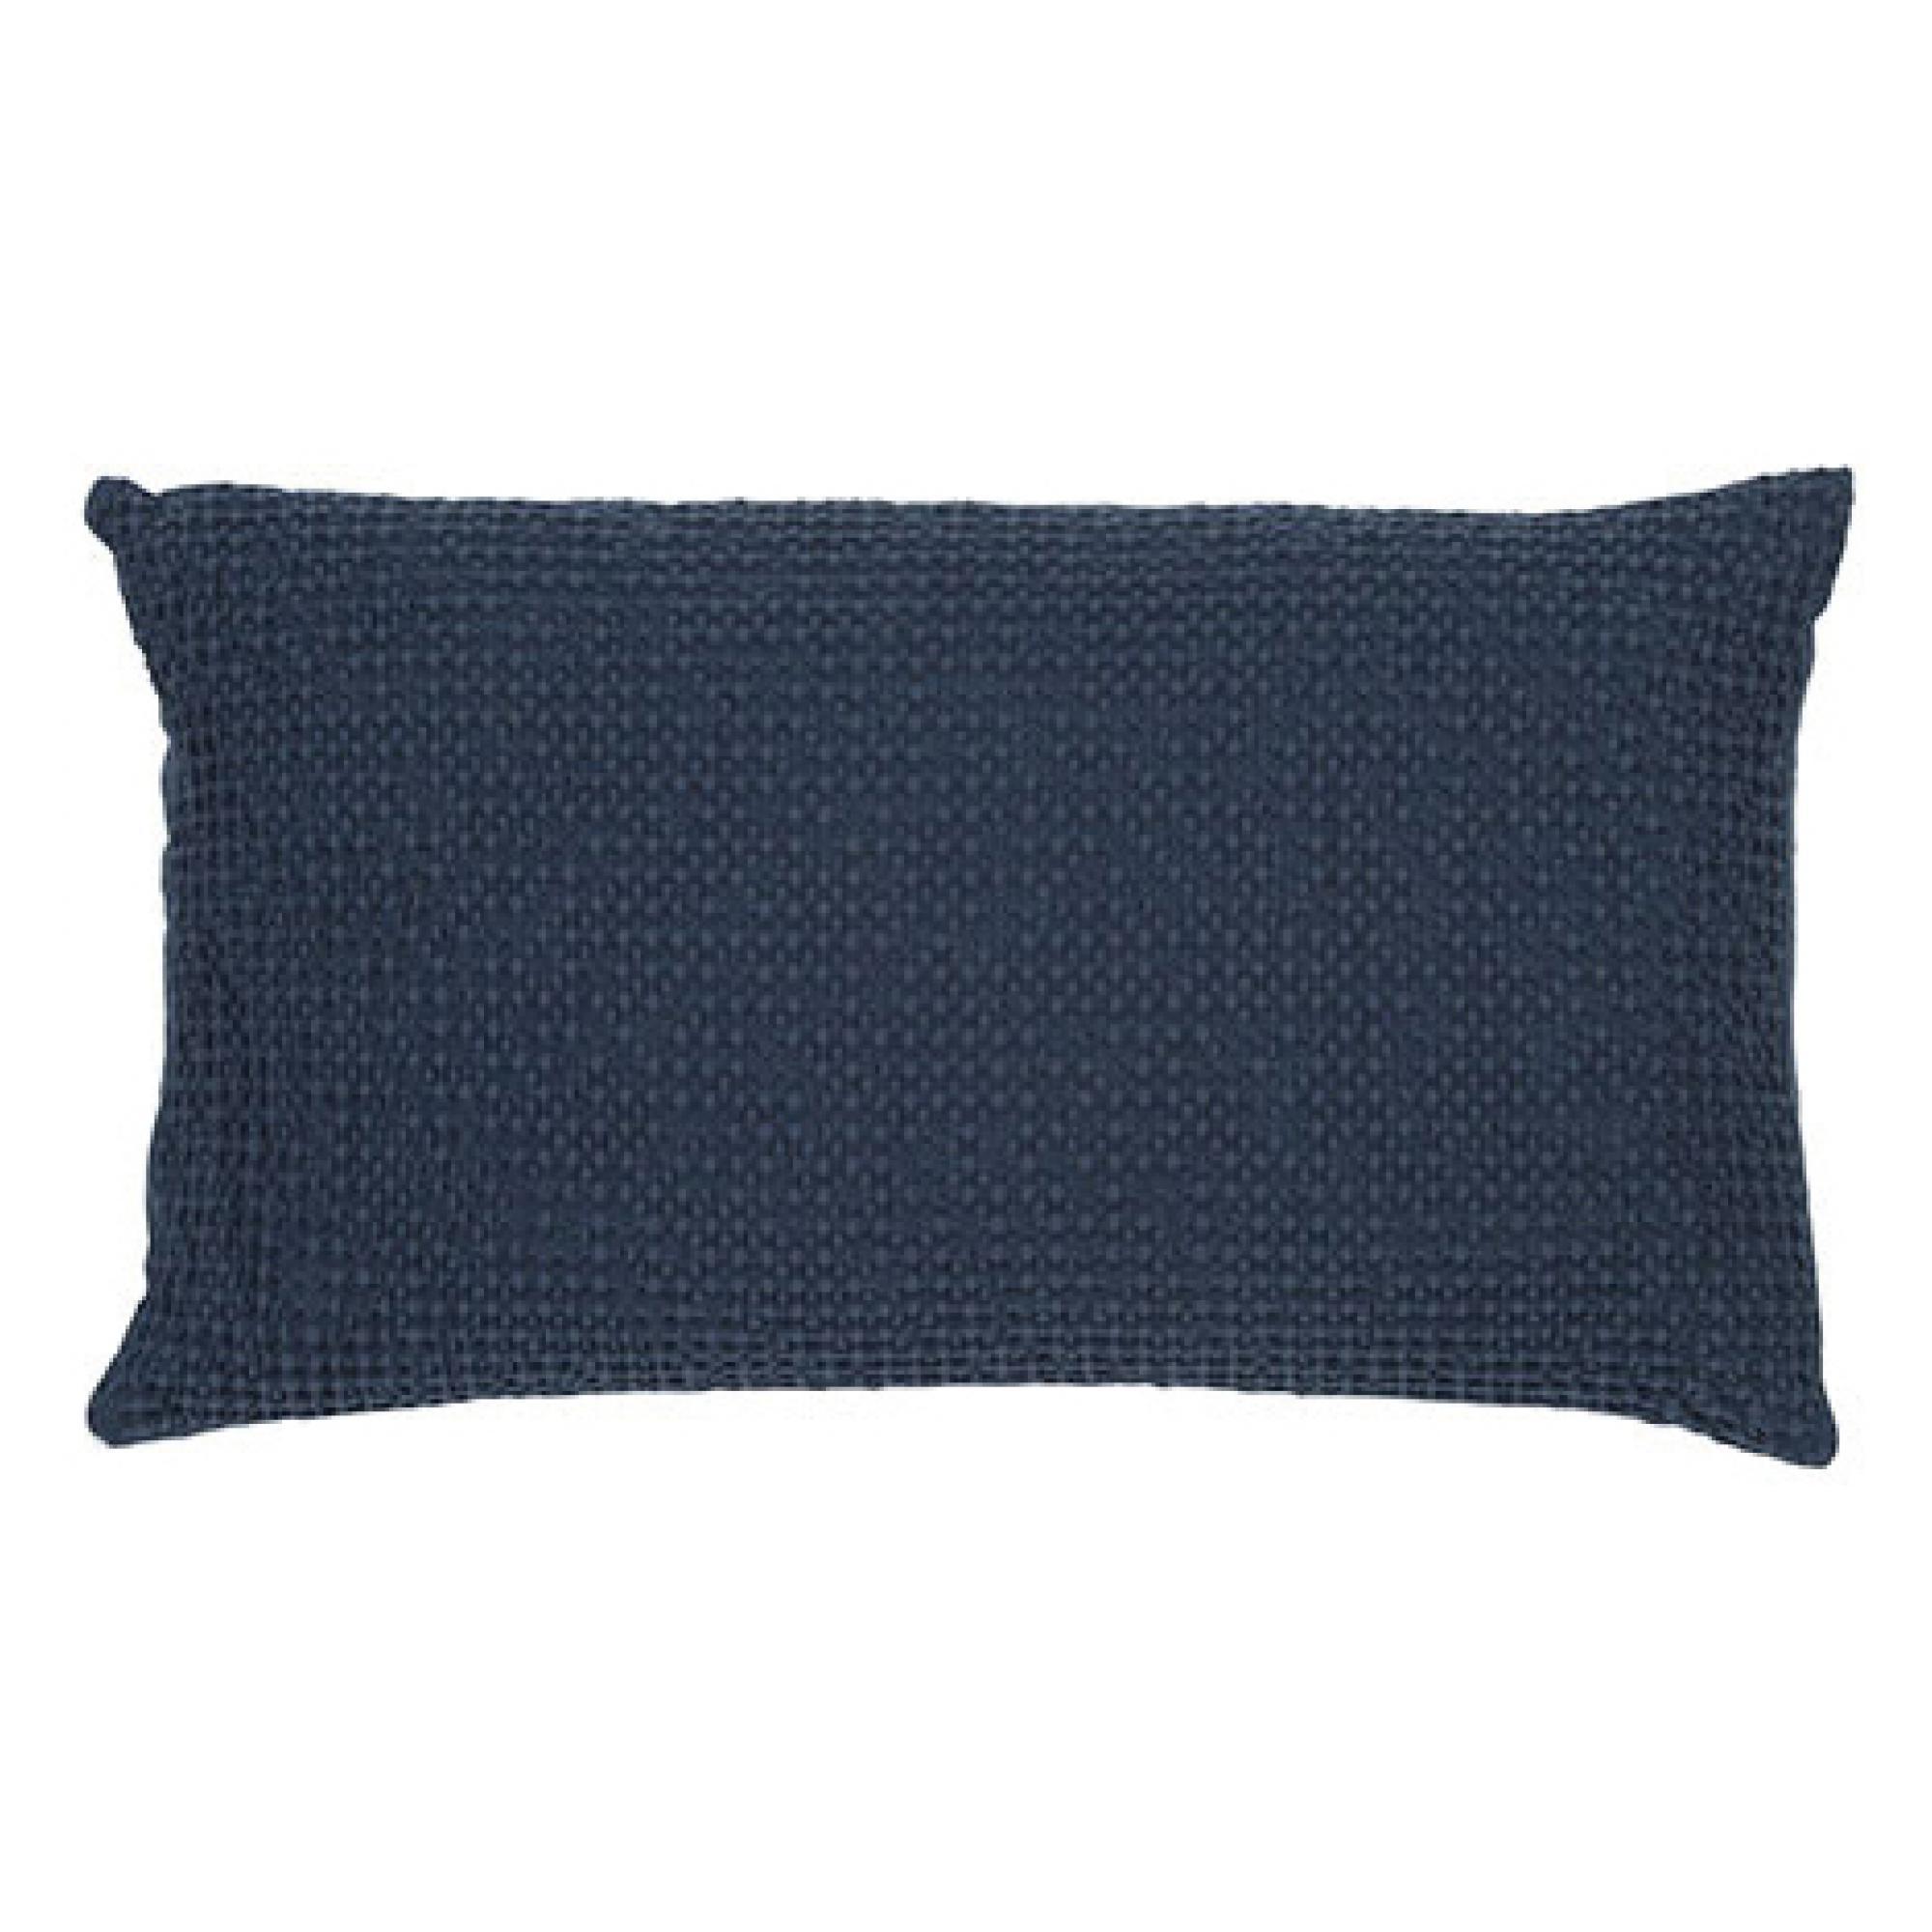 Coussin  en coton navy 30 x 50